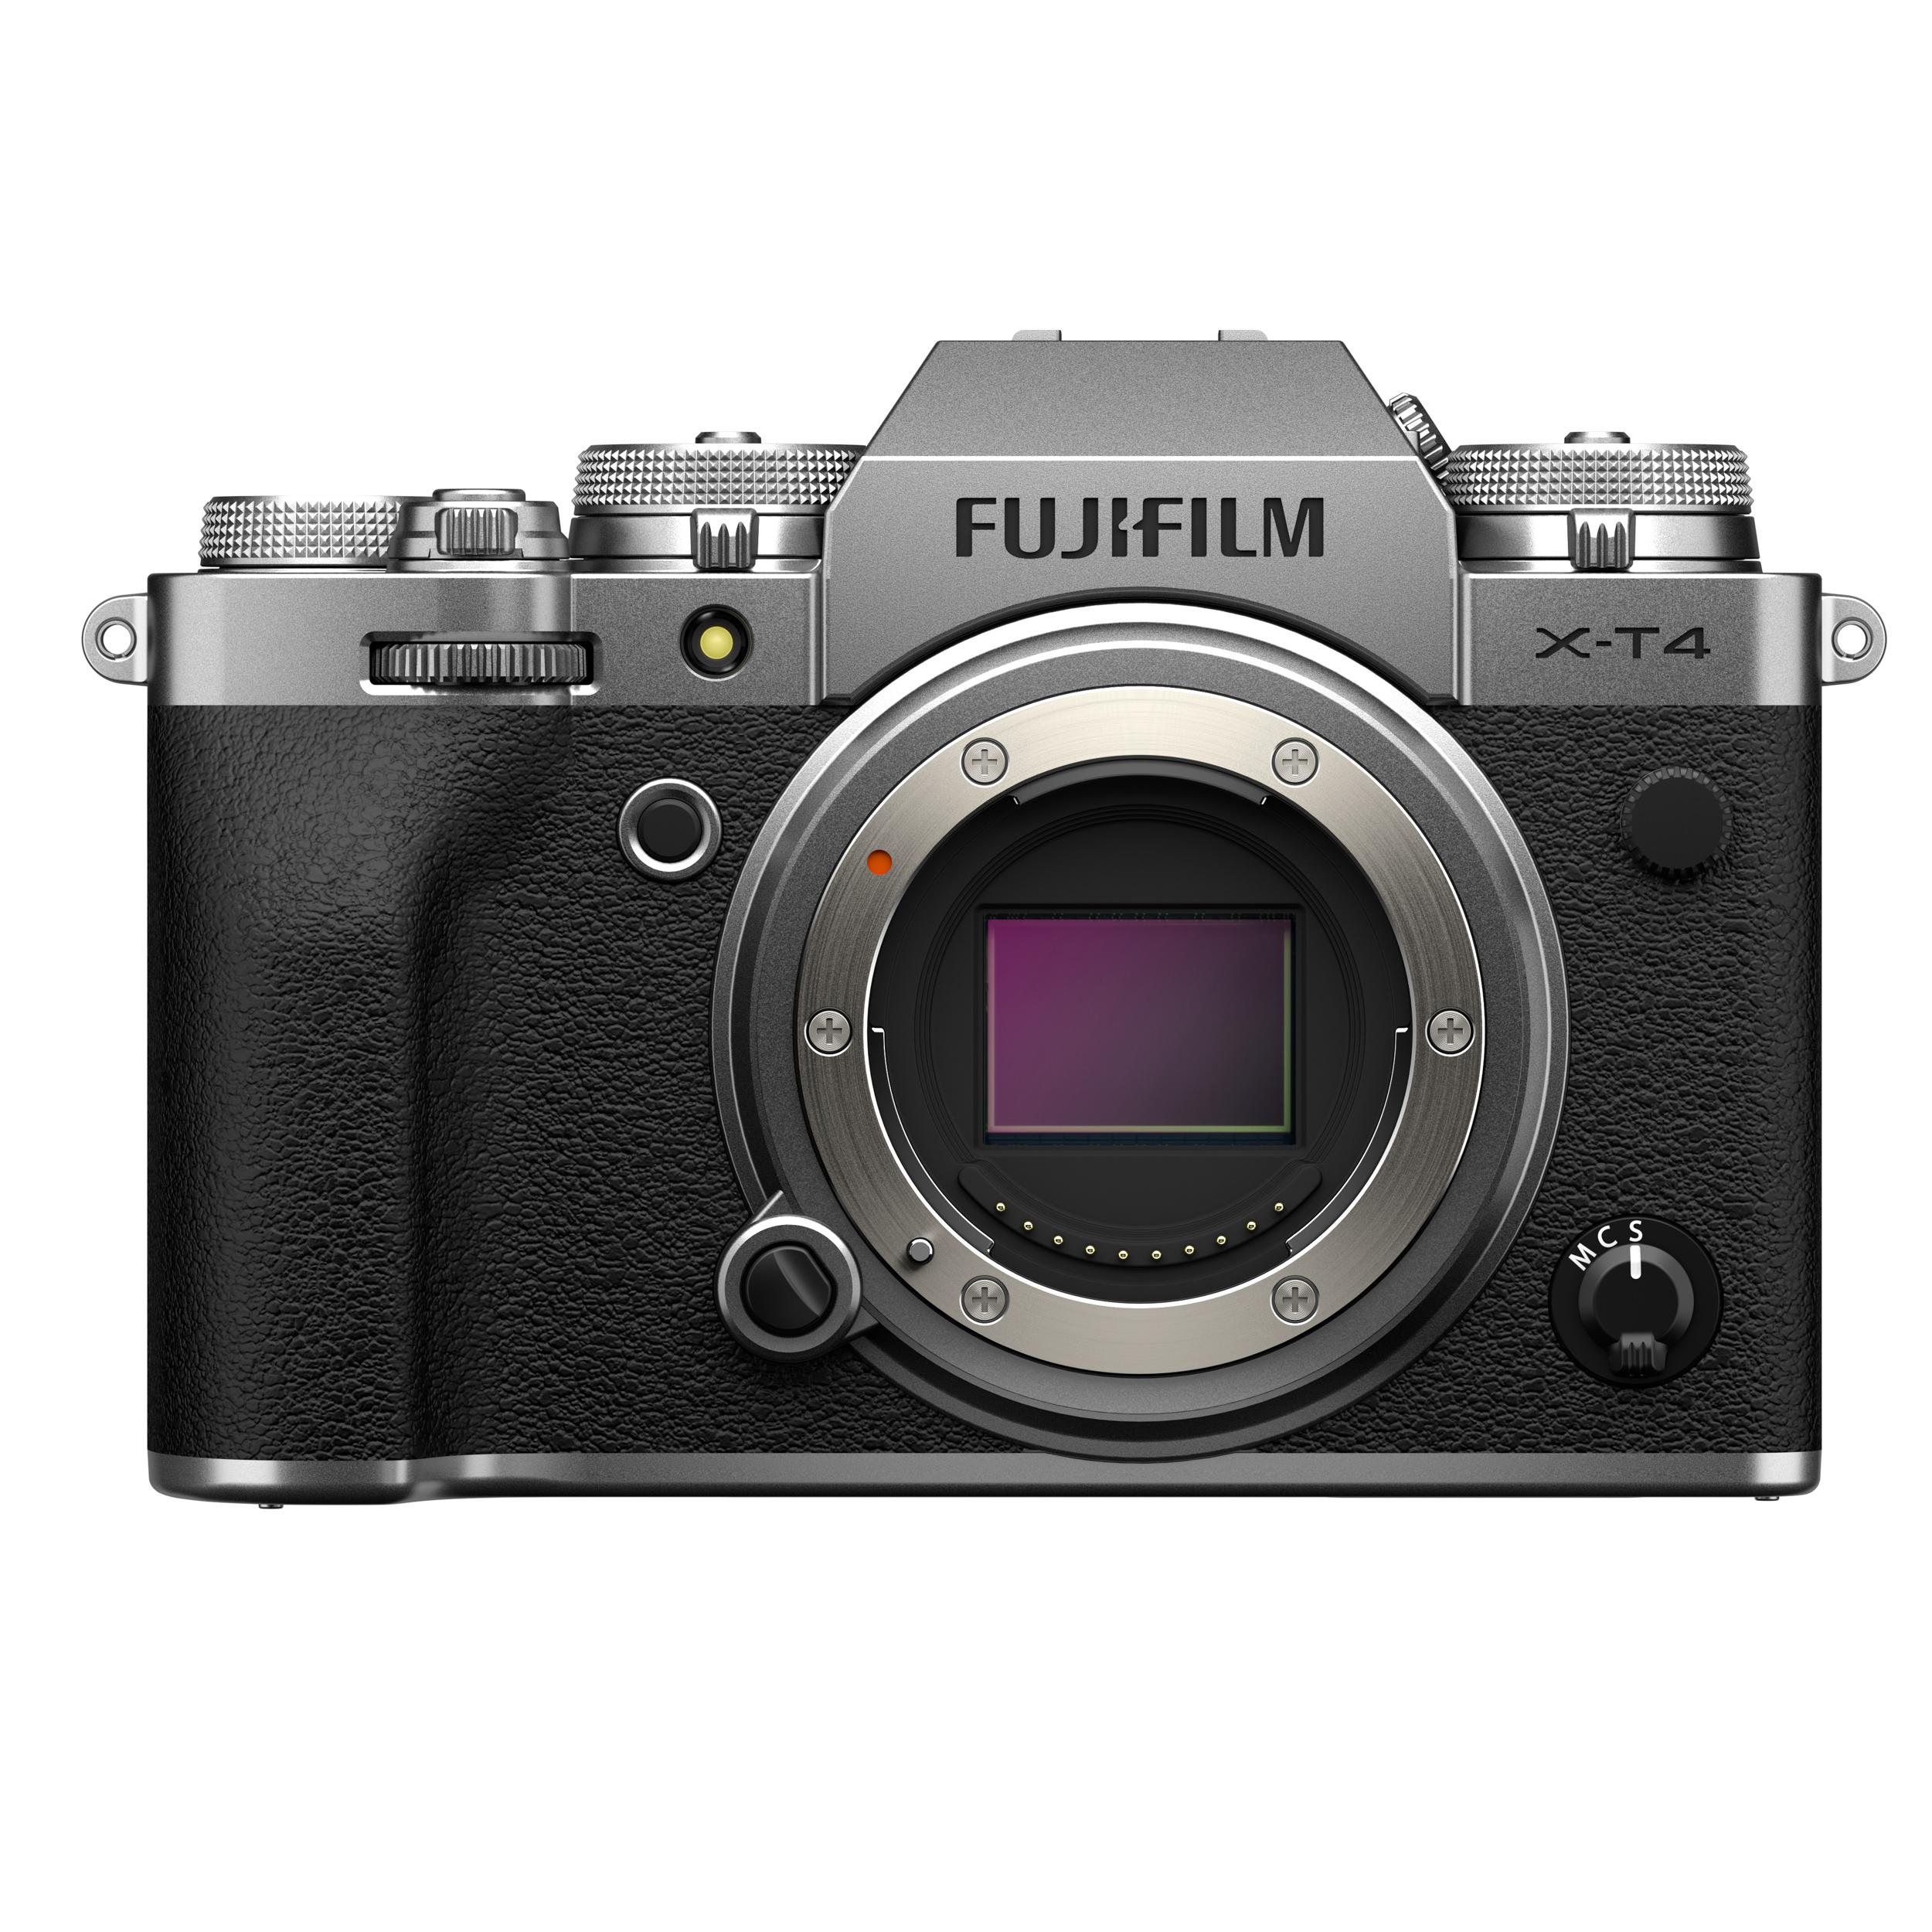 Fujifilm/16652867.jpg